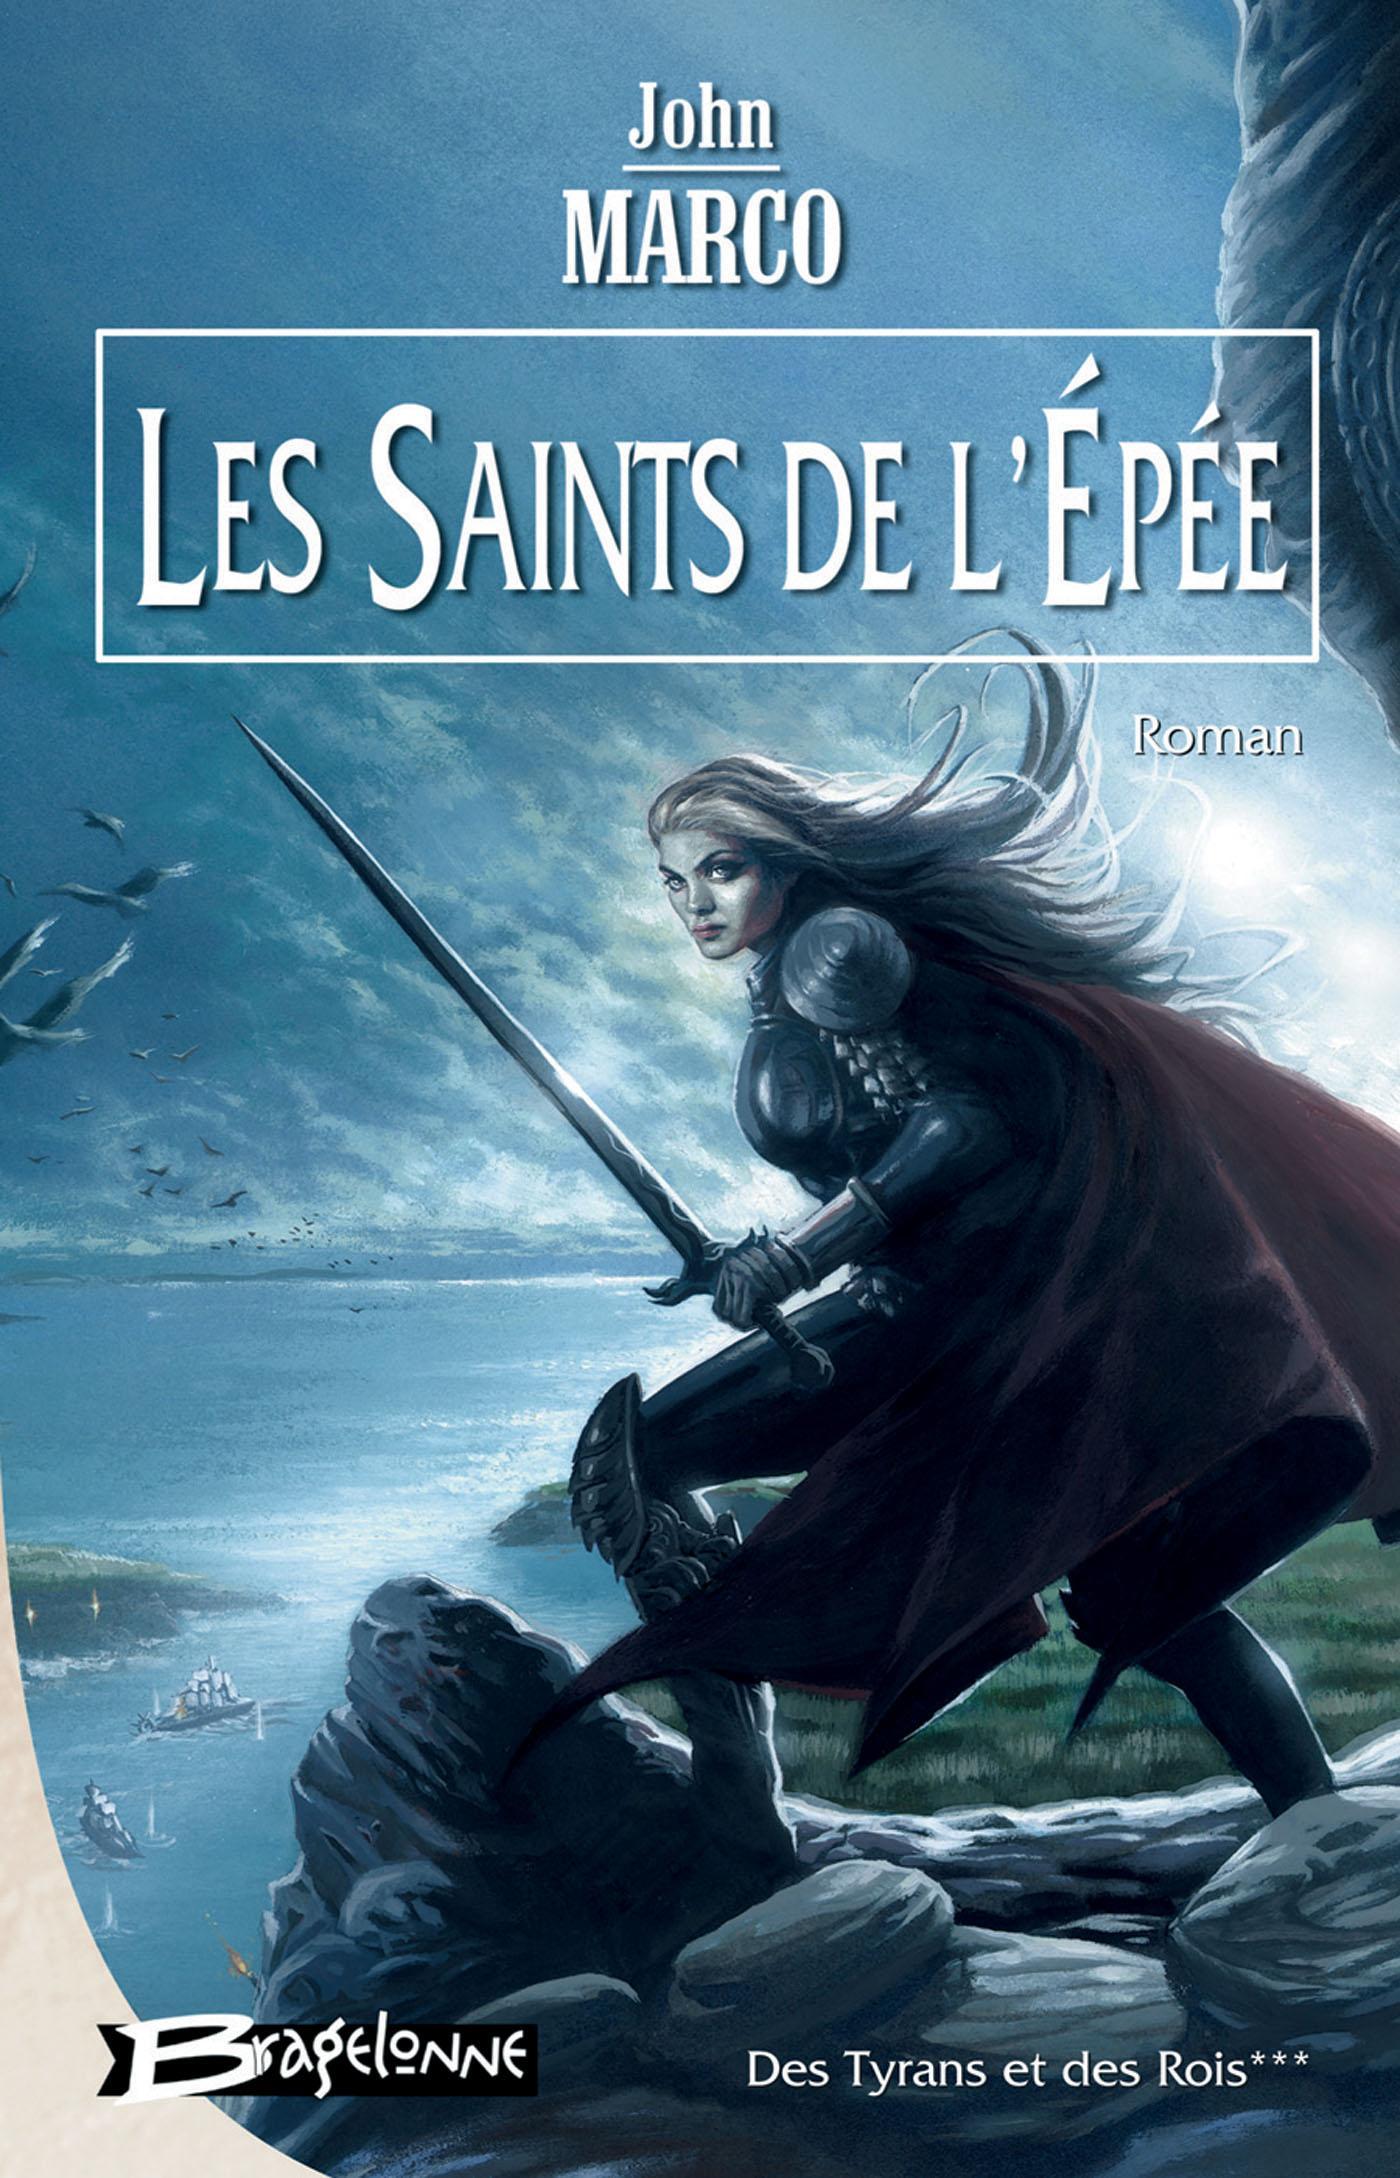 Les Saints de l'Épée, DES TYRANS ET DES ROIS, T3